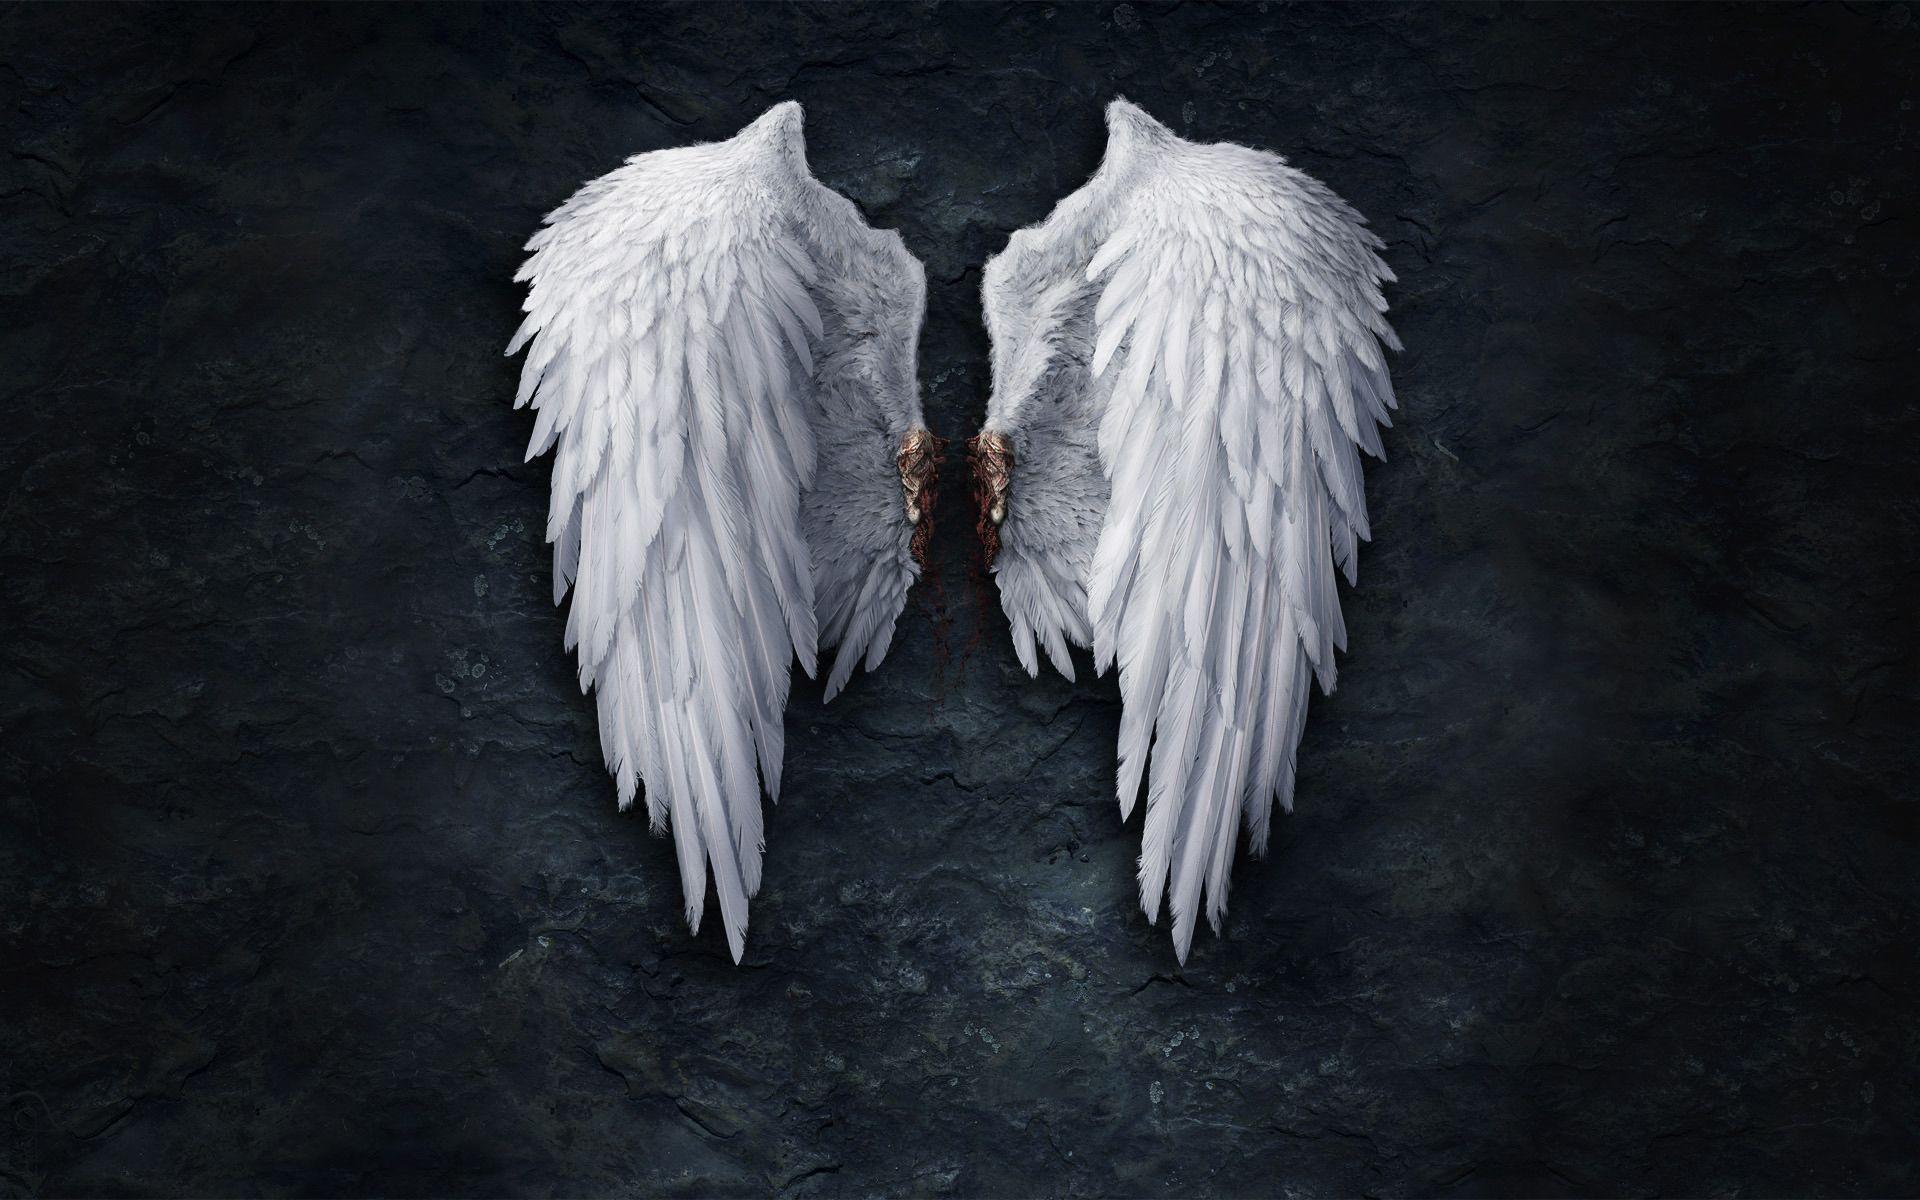 Grim Reaper With Angel Wings Broken Angel Wings Hd